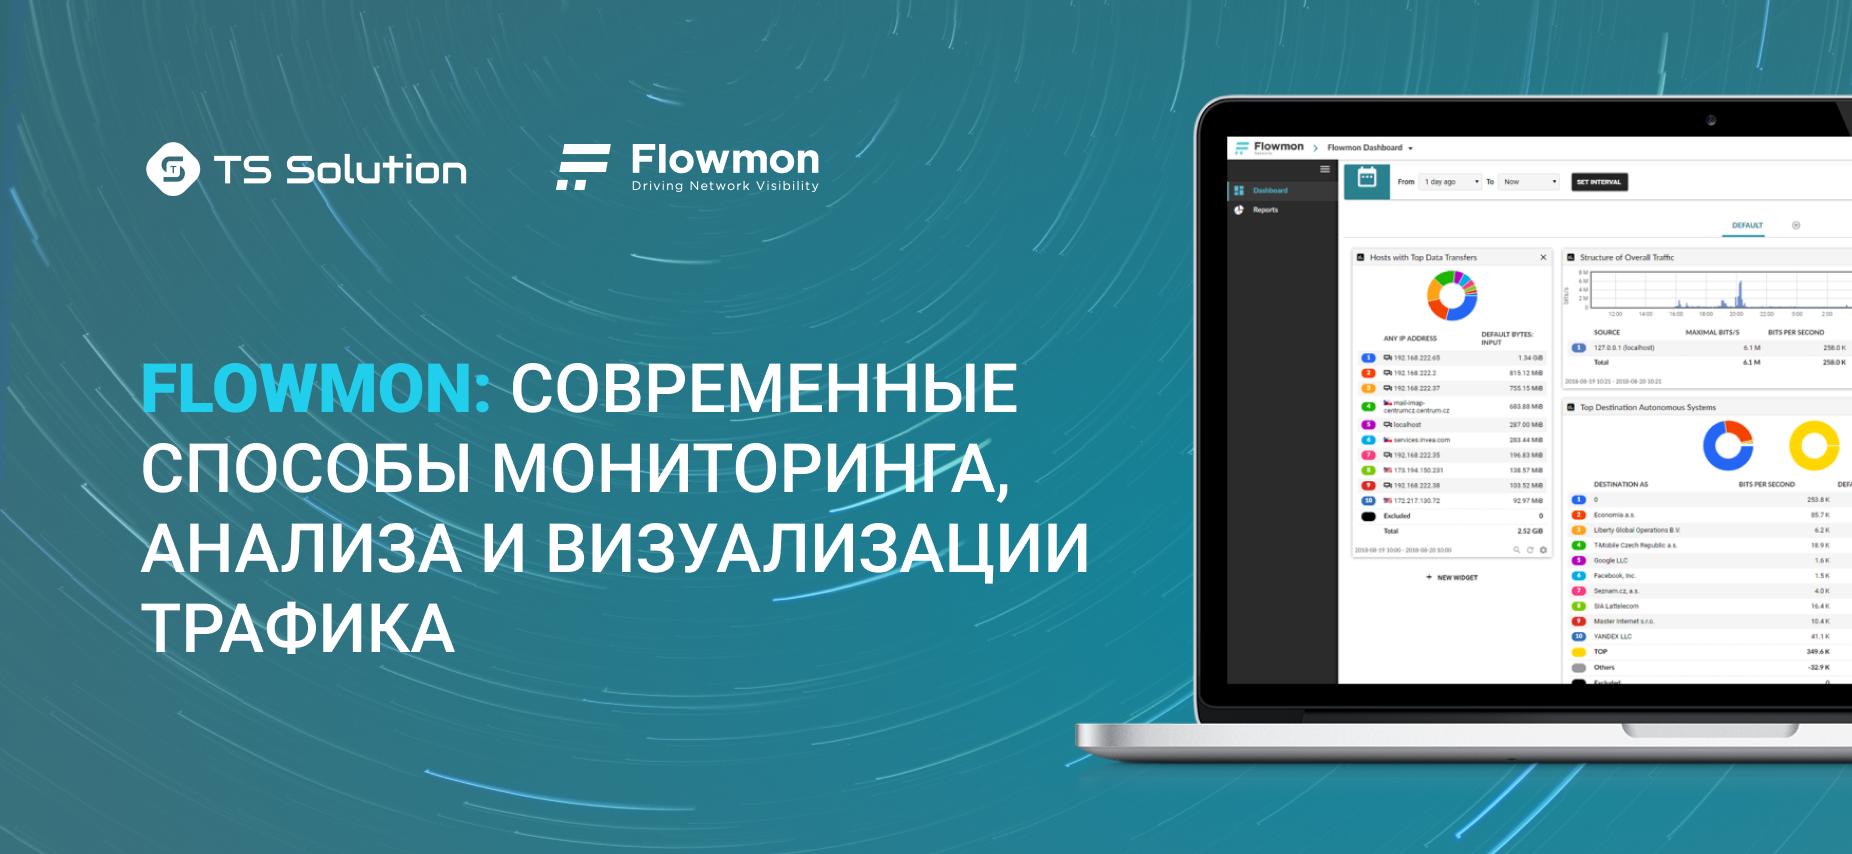 Сетевой мониторинг и выявления аномальной сетевой активности с помощью решений Flowmon Networks